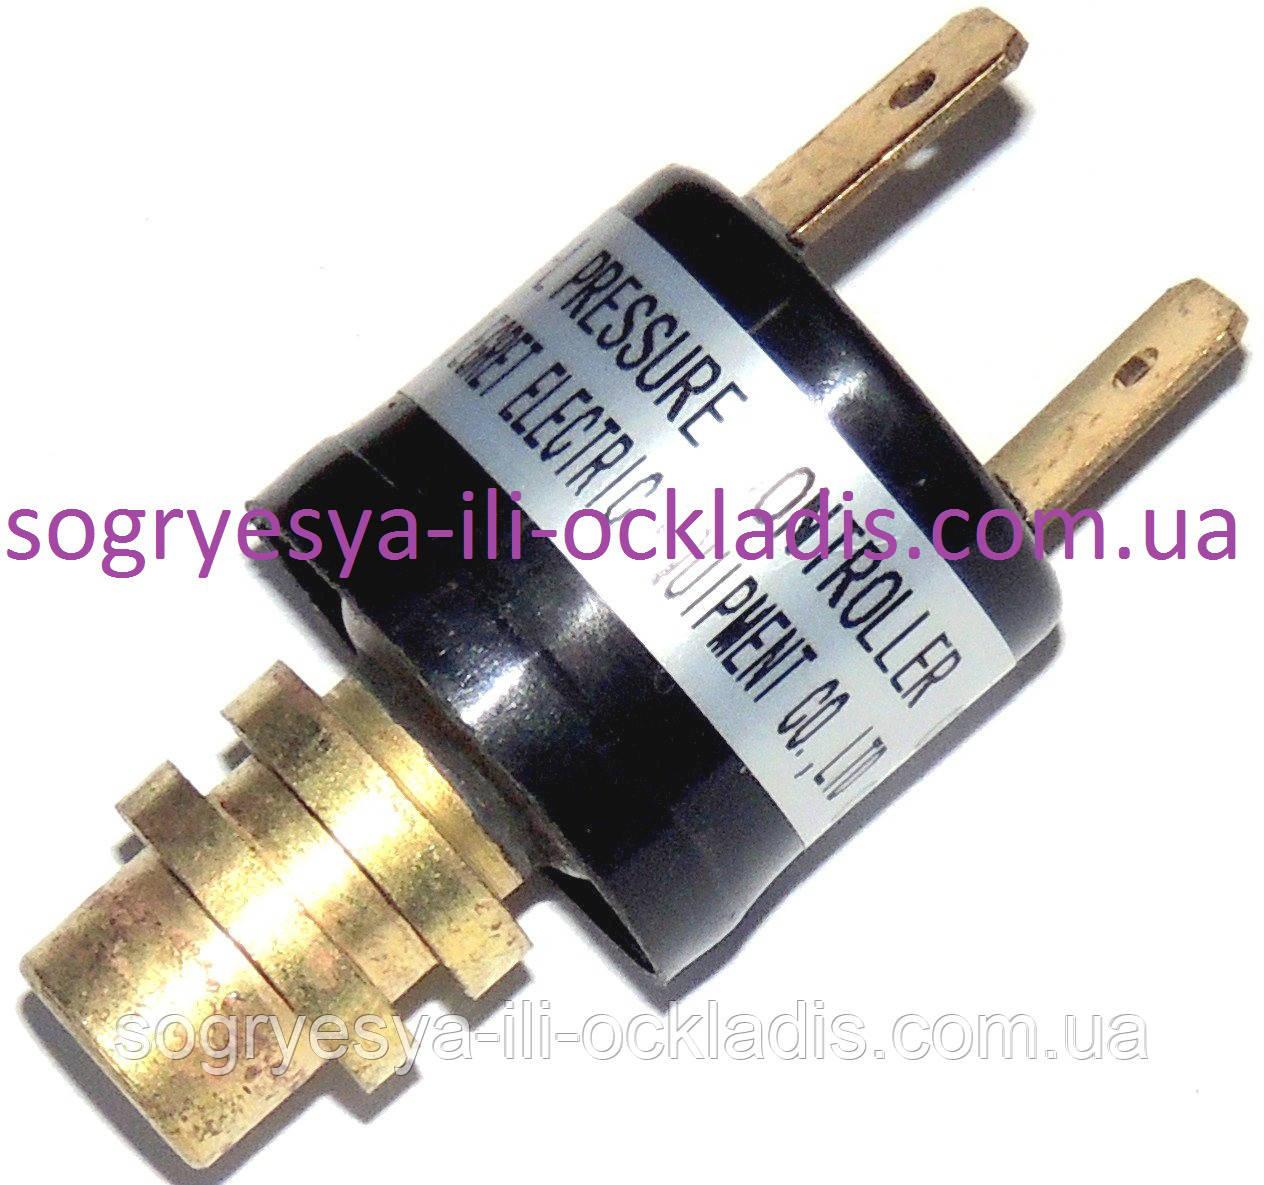 Датчик тиску води кліпса 13,8 мм (без фір.уп, Китай) котлів Solly Standart, арт.4300200069, к. з.0022